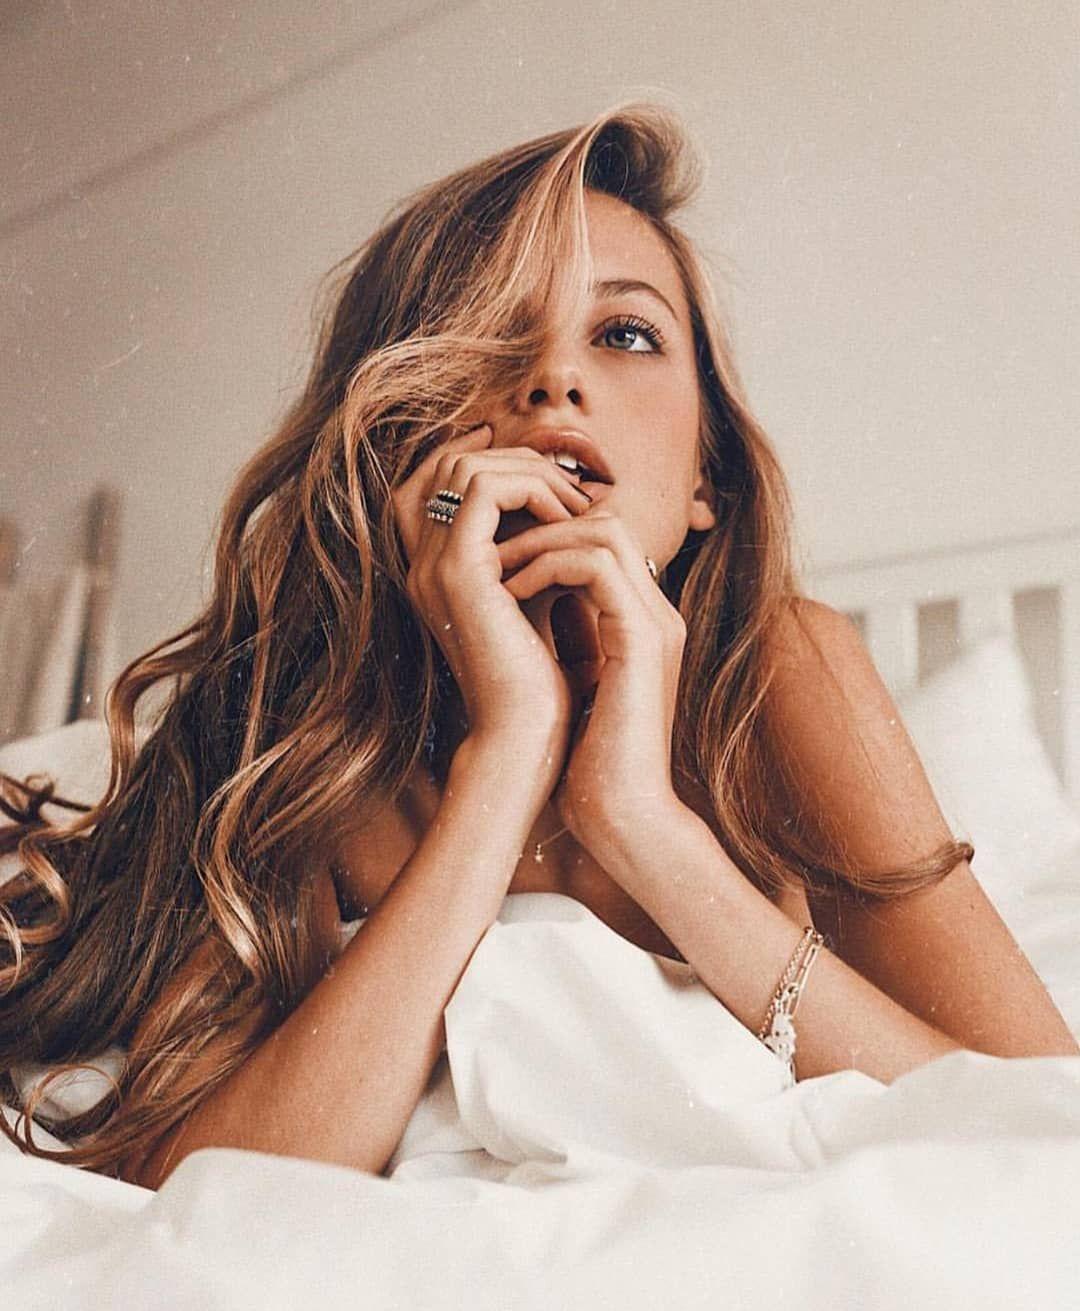 """ᗰOO ᑎ ᒪ O ᐯ Eᖇᔕ auf Instagram: """"Versuche zu lernen, tief zu atmen, Essen wirklich zu schmecken, wenn du isst und wenn du schläfst, wirklich zu schlafen. Versuche so viel wie möglich zu sein…"""""""